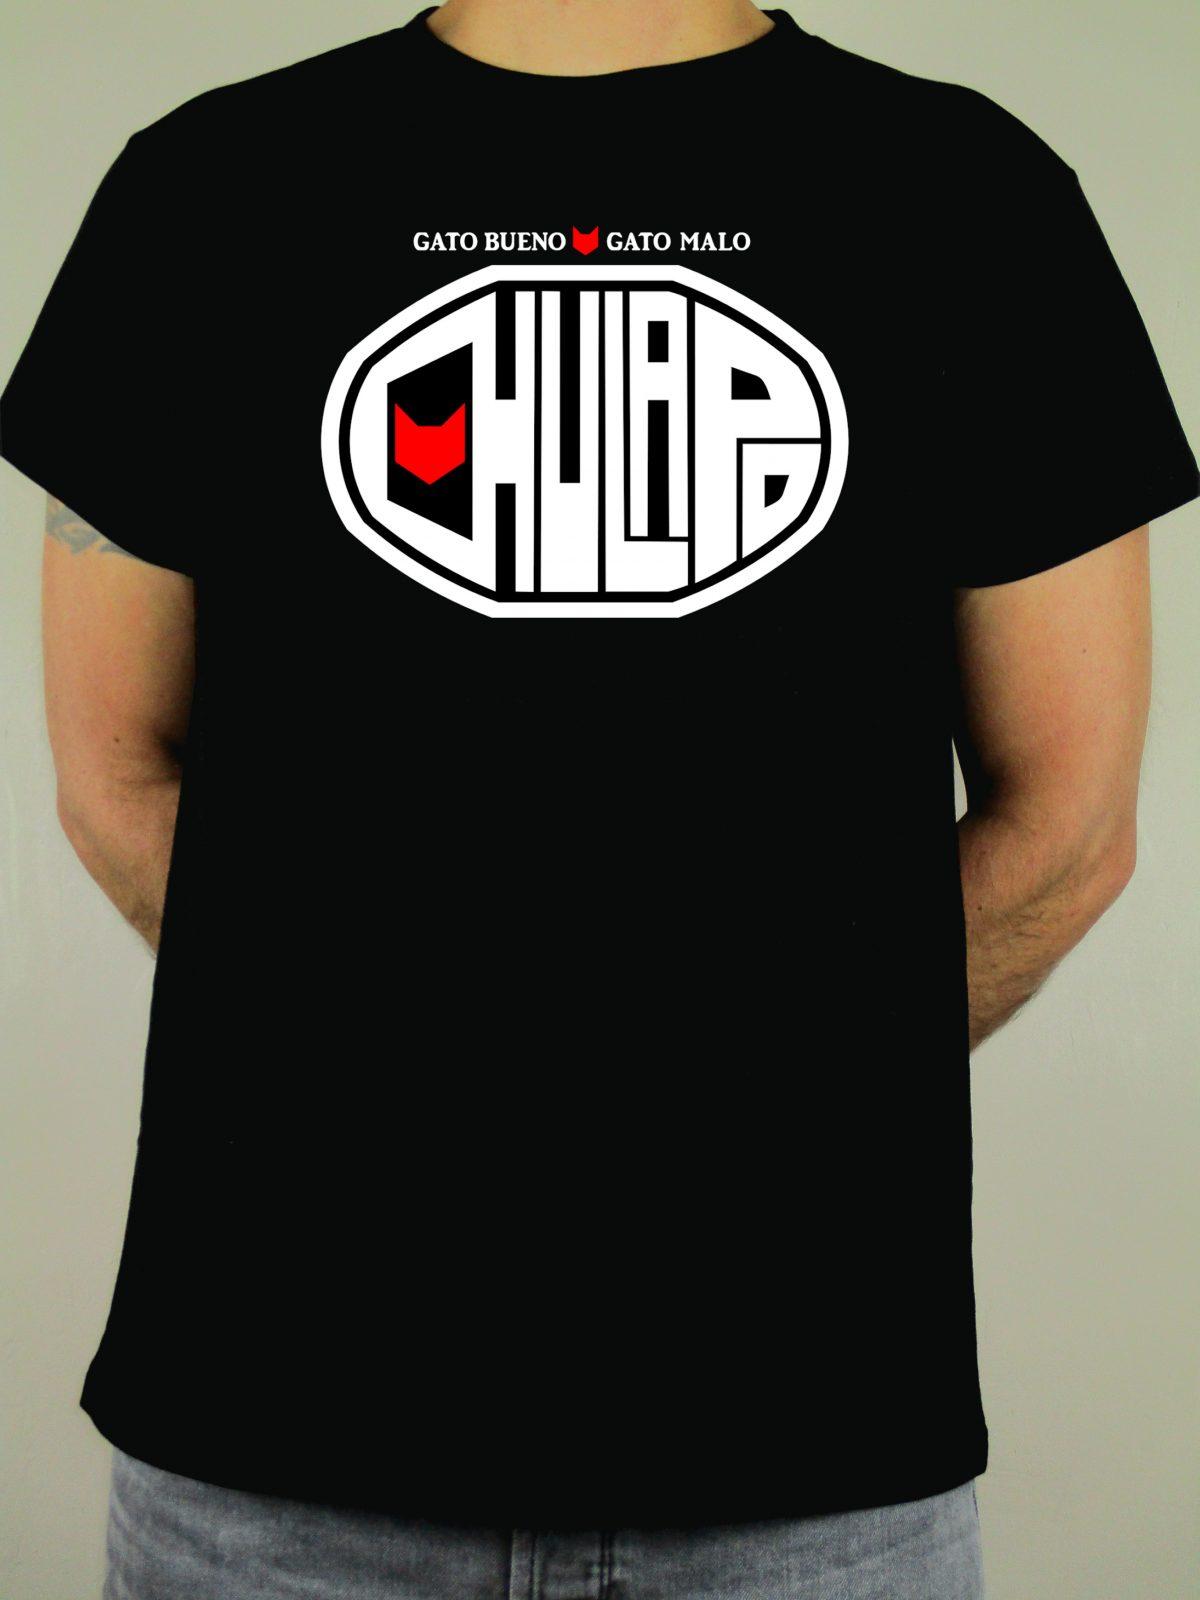 Camiseta negra Chulapo. Una marca creada para todos aquellos que llevan y sienten Madrid en el corazón. El complemento perfecto para el buen madrileño.